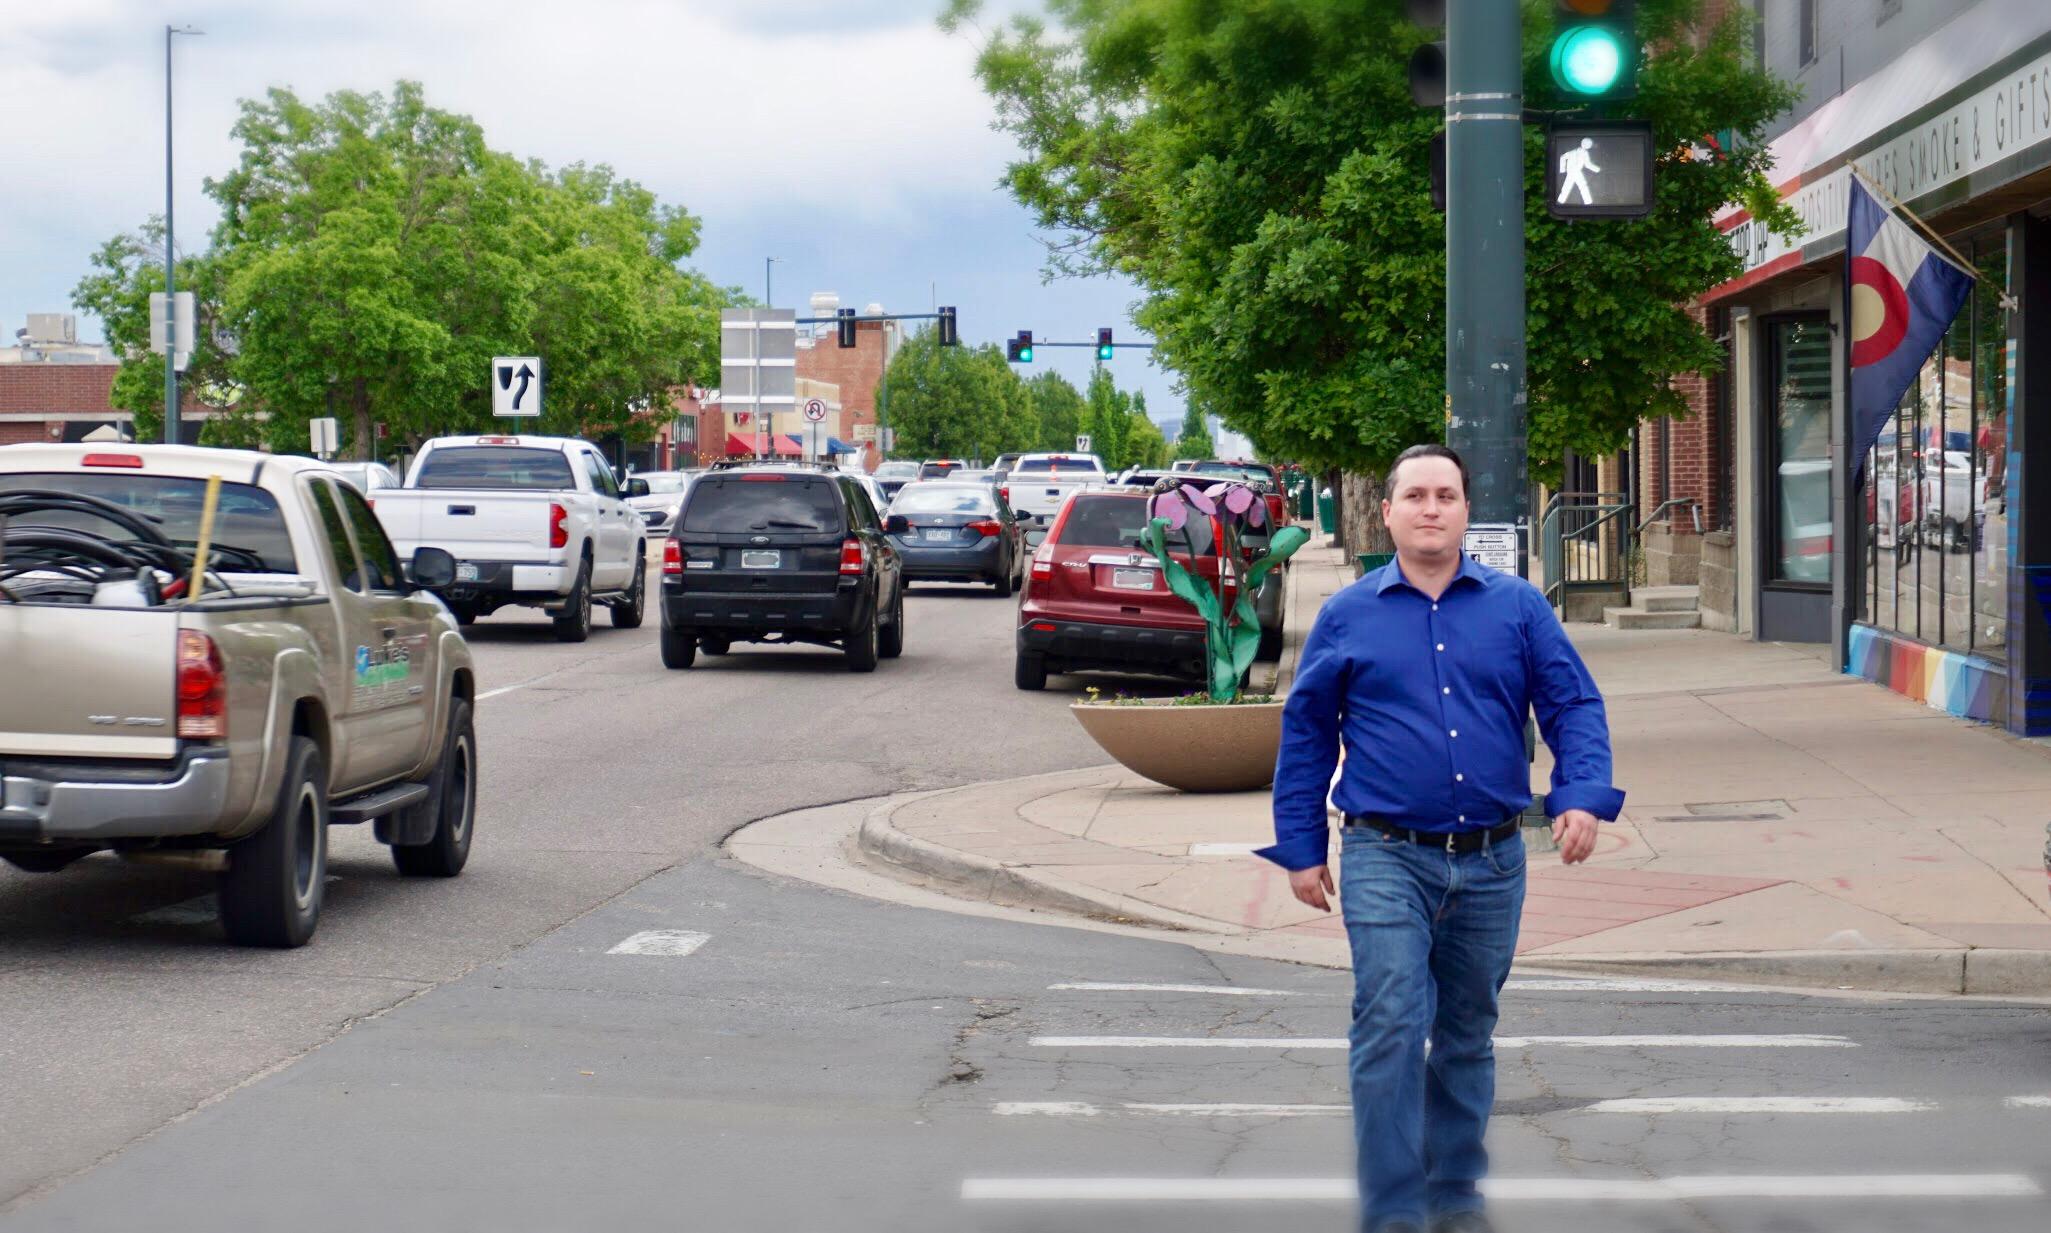 john walking.jpg